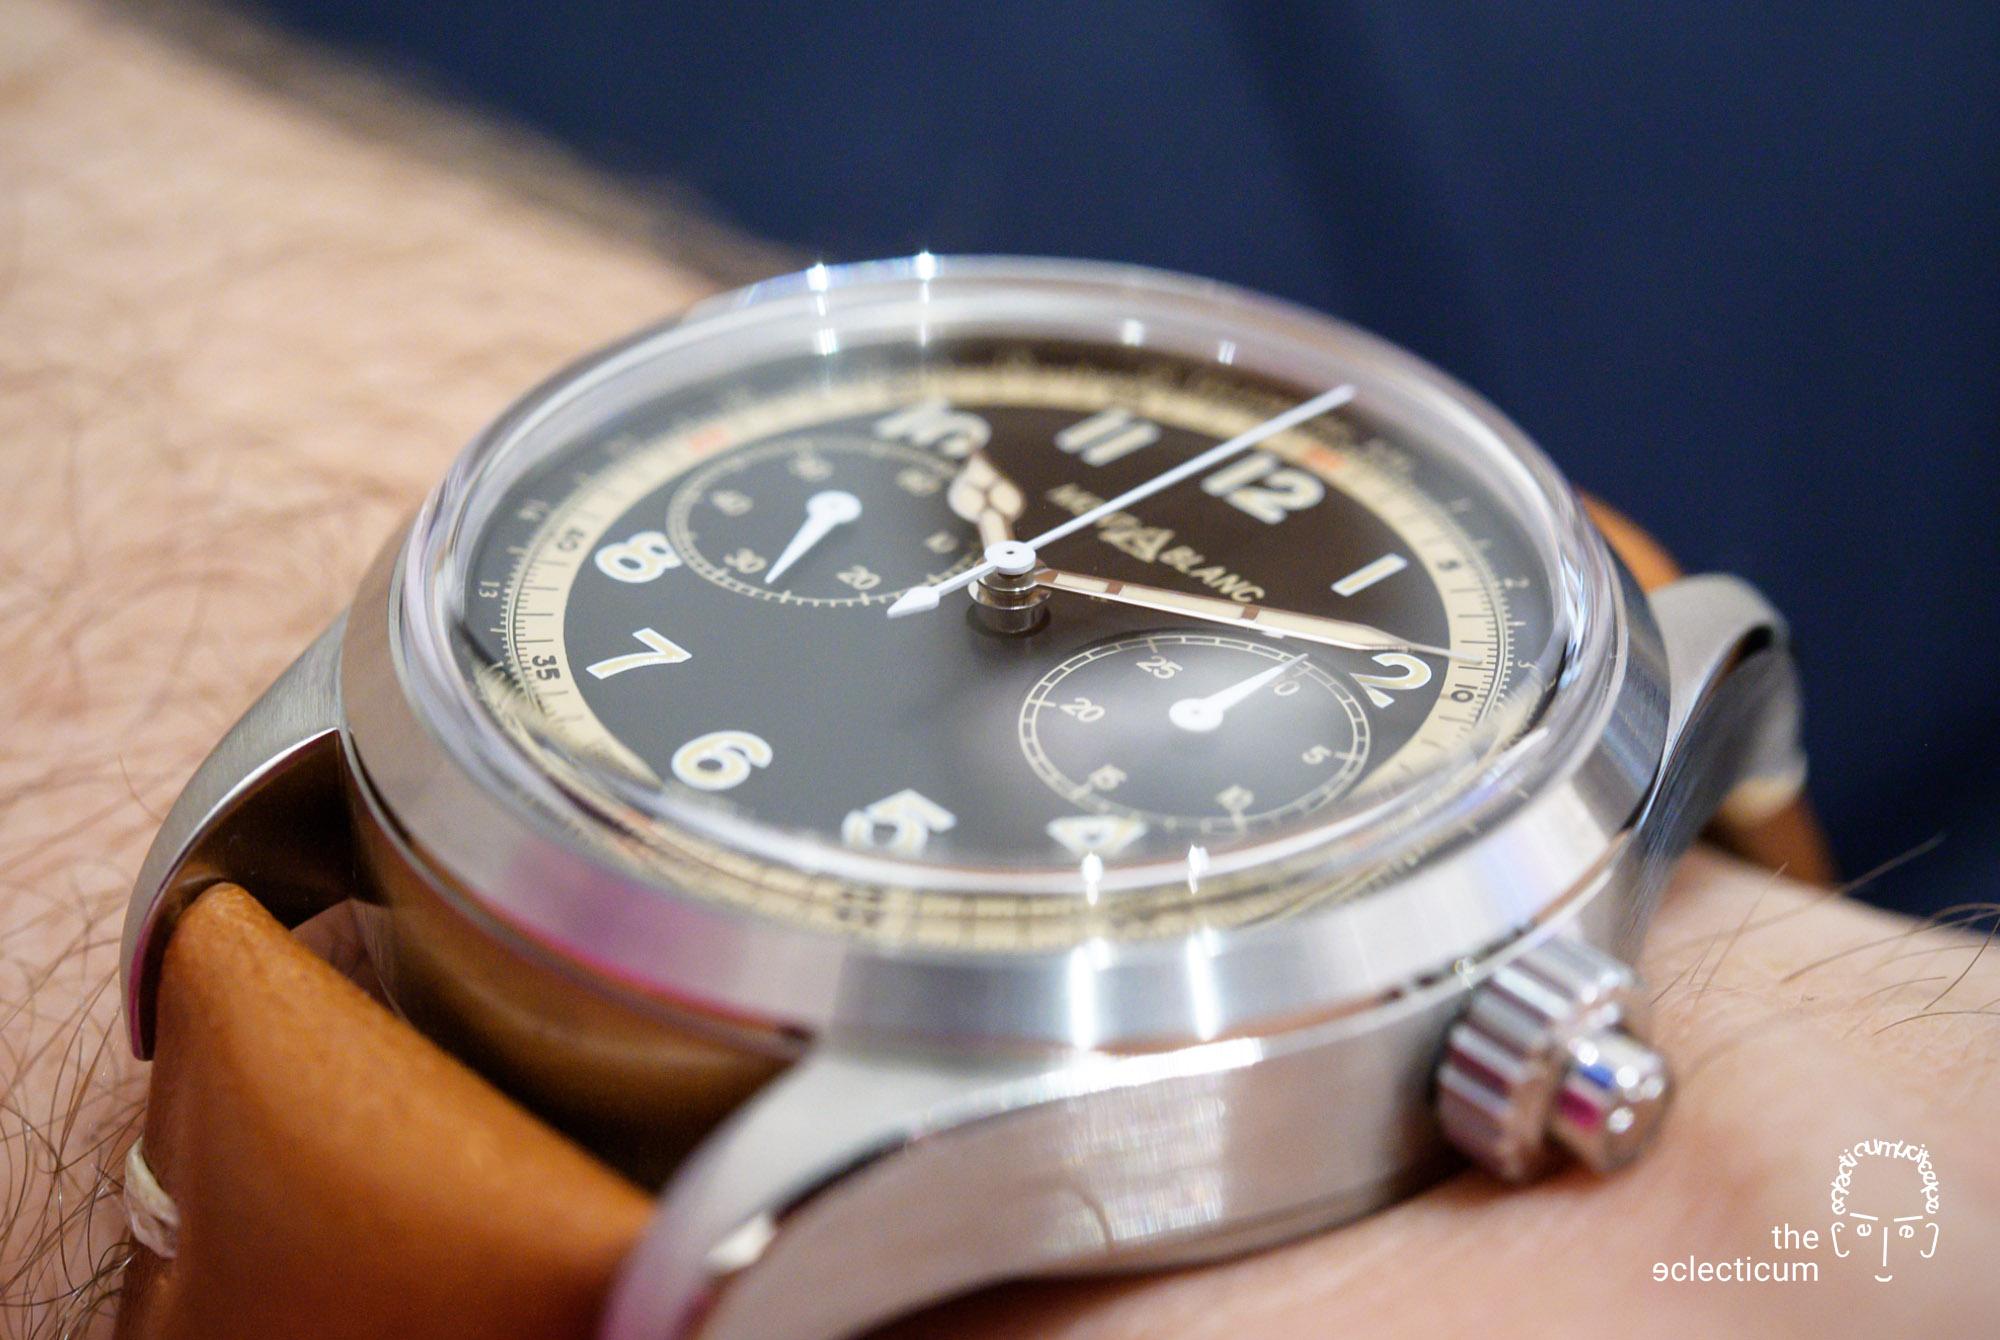 Montblanc 1858 Monopusher Chronograph automatic wristshot